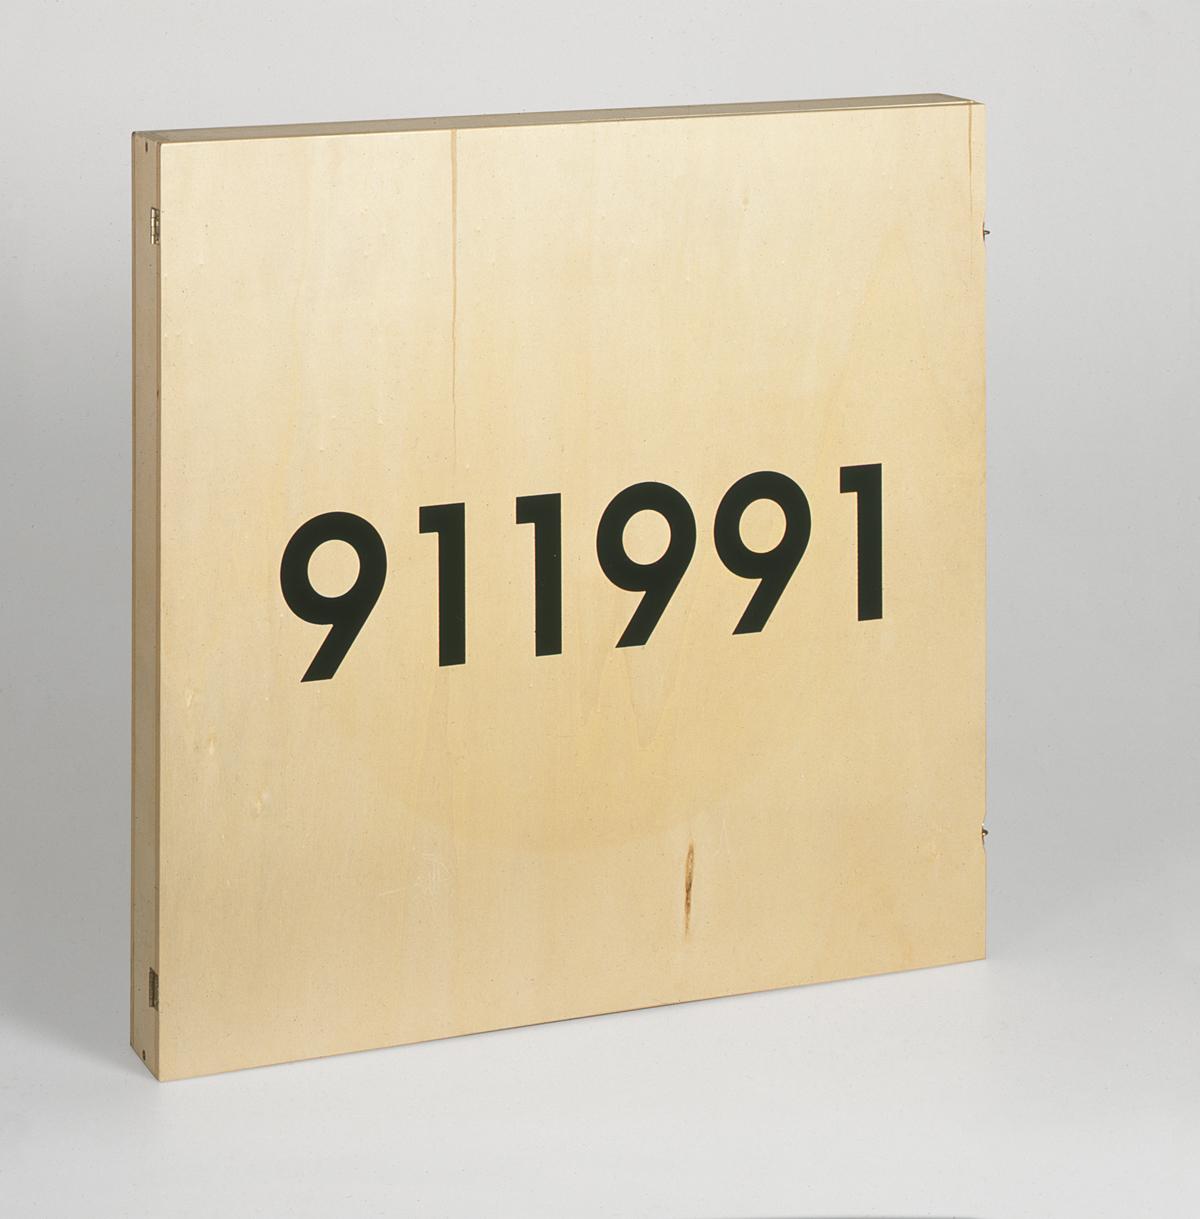 01_matta-box-911991